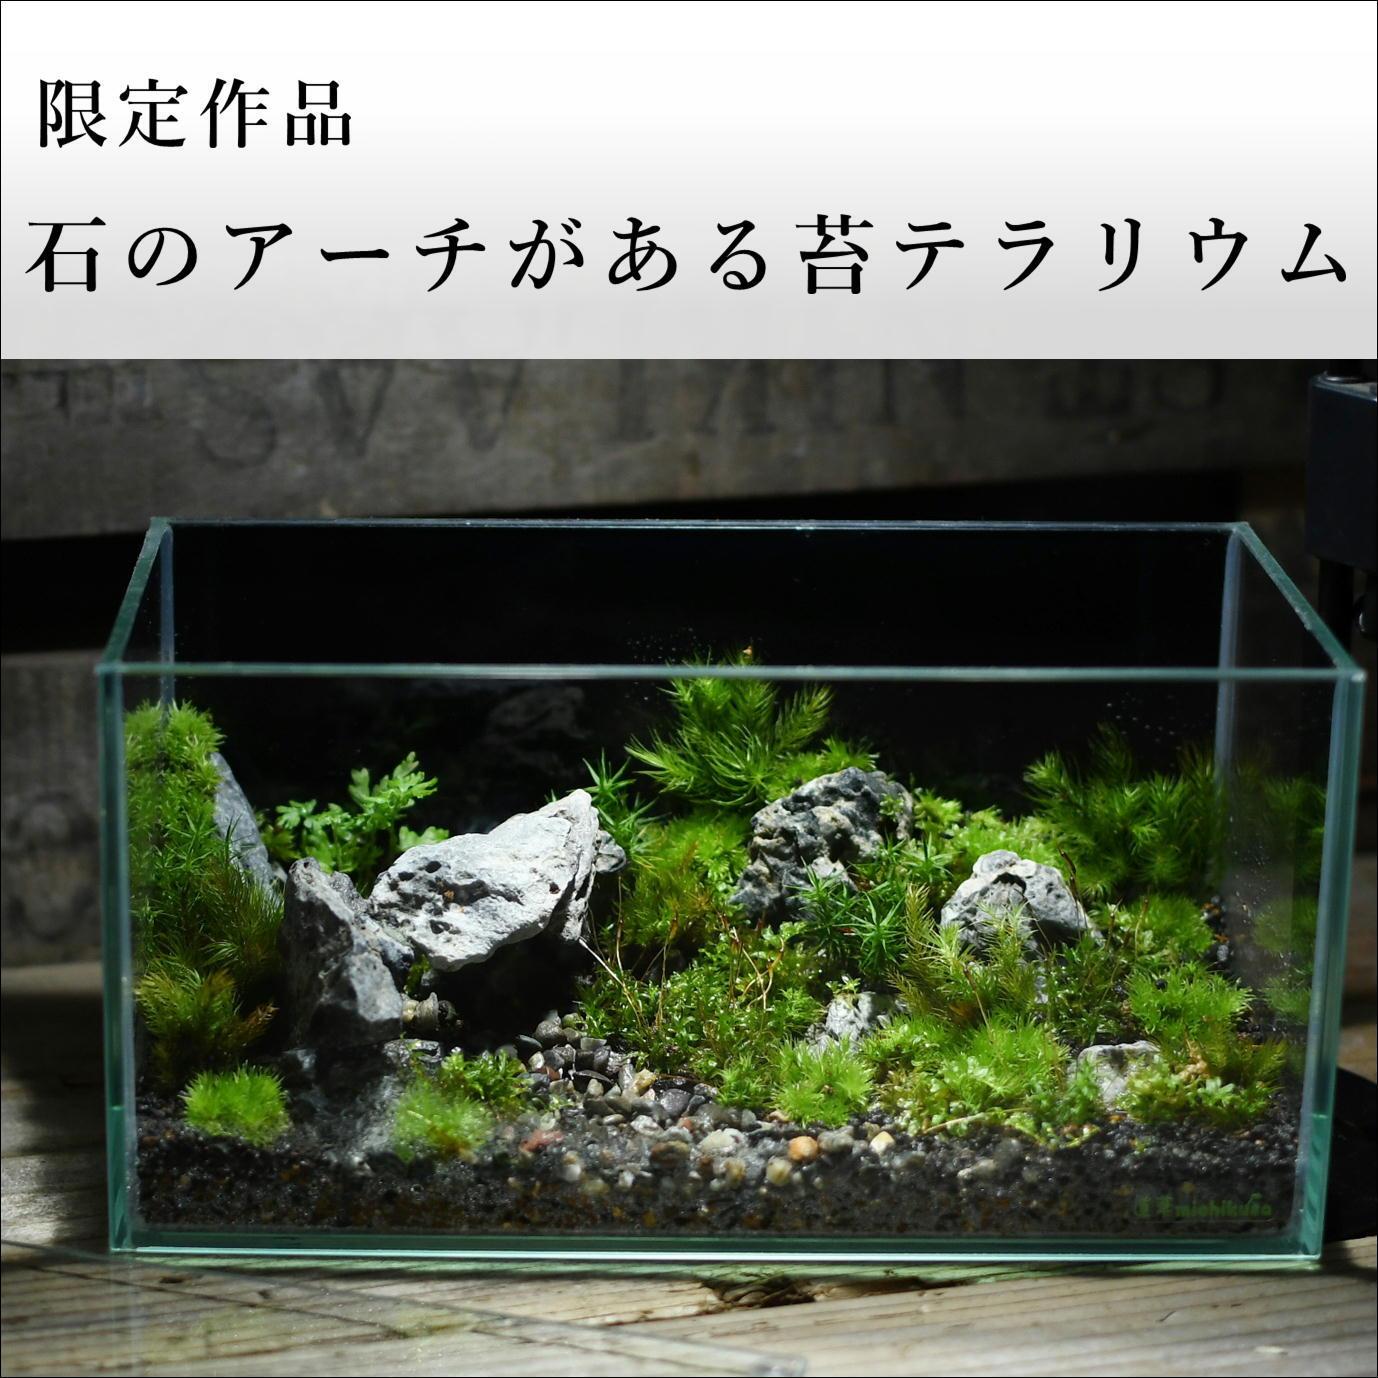 苔景−石のアーチがある苔テラリウム −【苔テラリウム・現物限定販売】2021.10.3#1